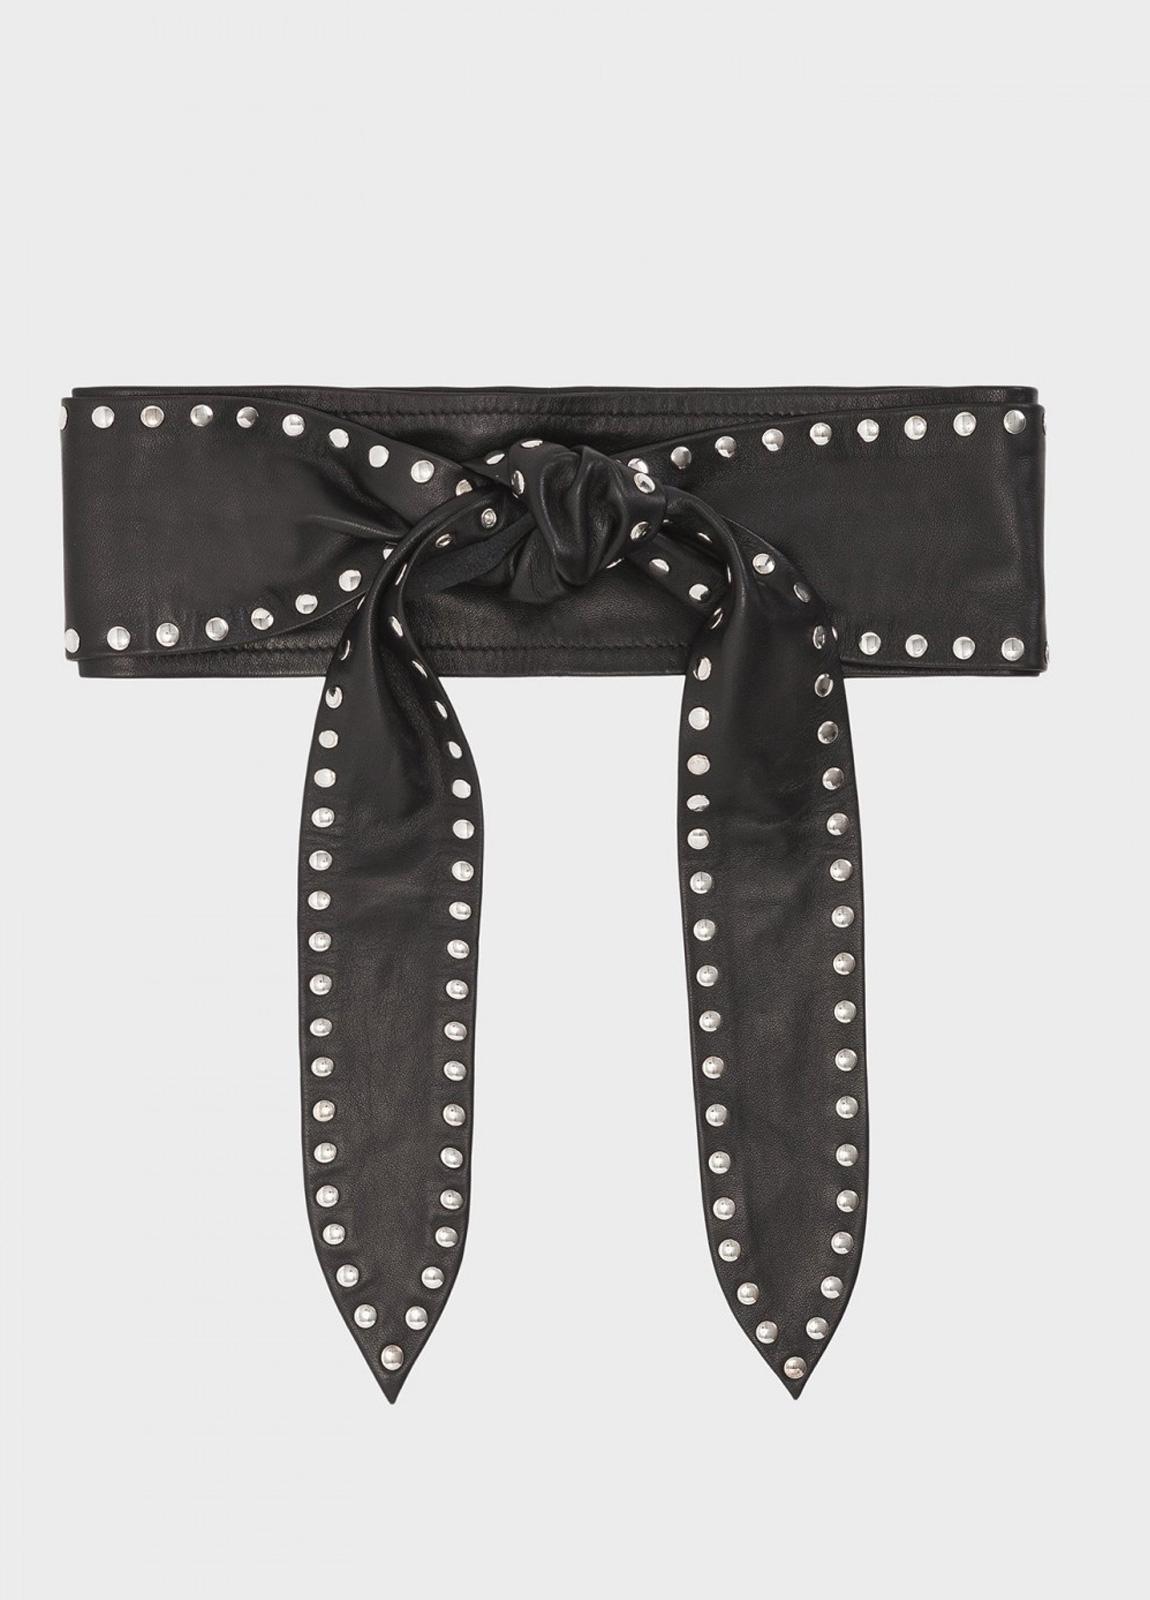 Cinturón negro con lazada y tachuelas. 100% piel.